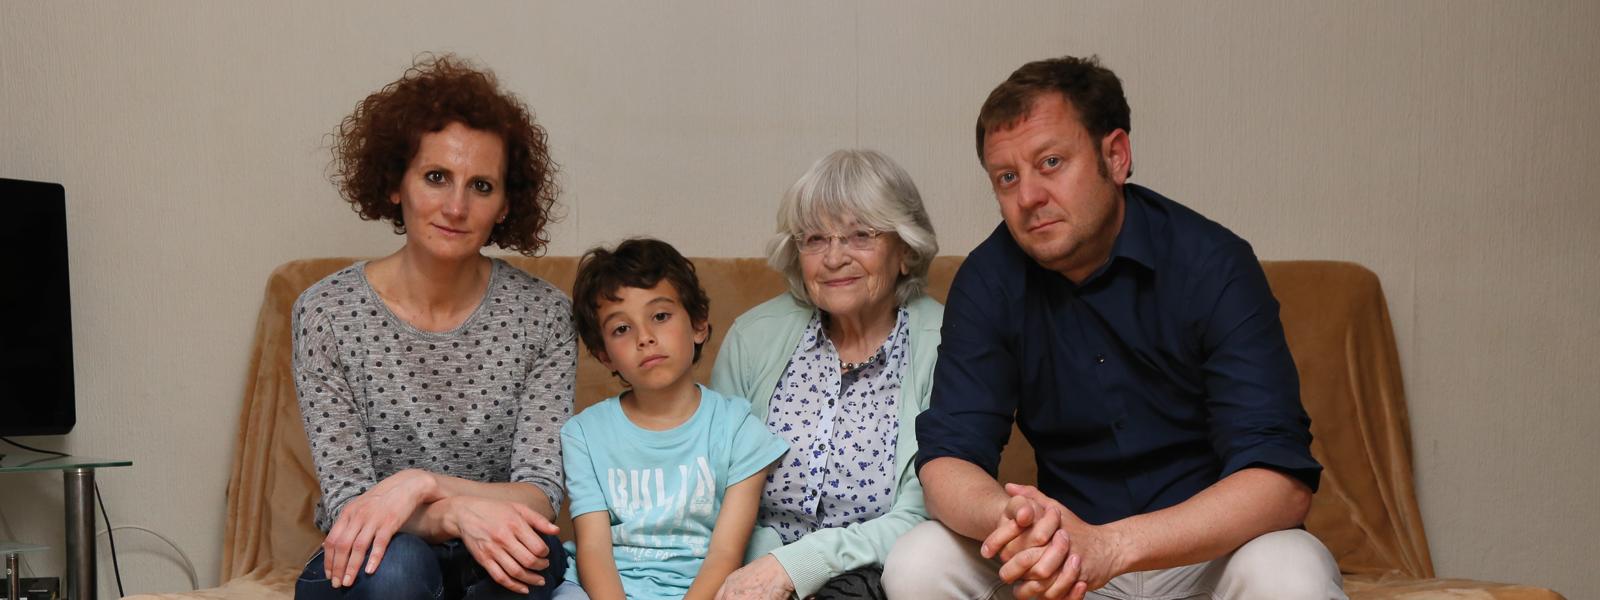 familia_sanchez_roig_no_ens_conformem_caritas_barcelona_campanya